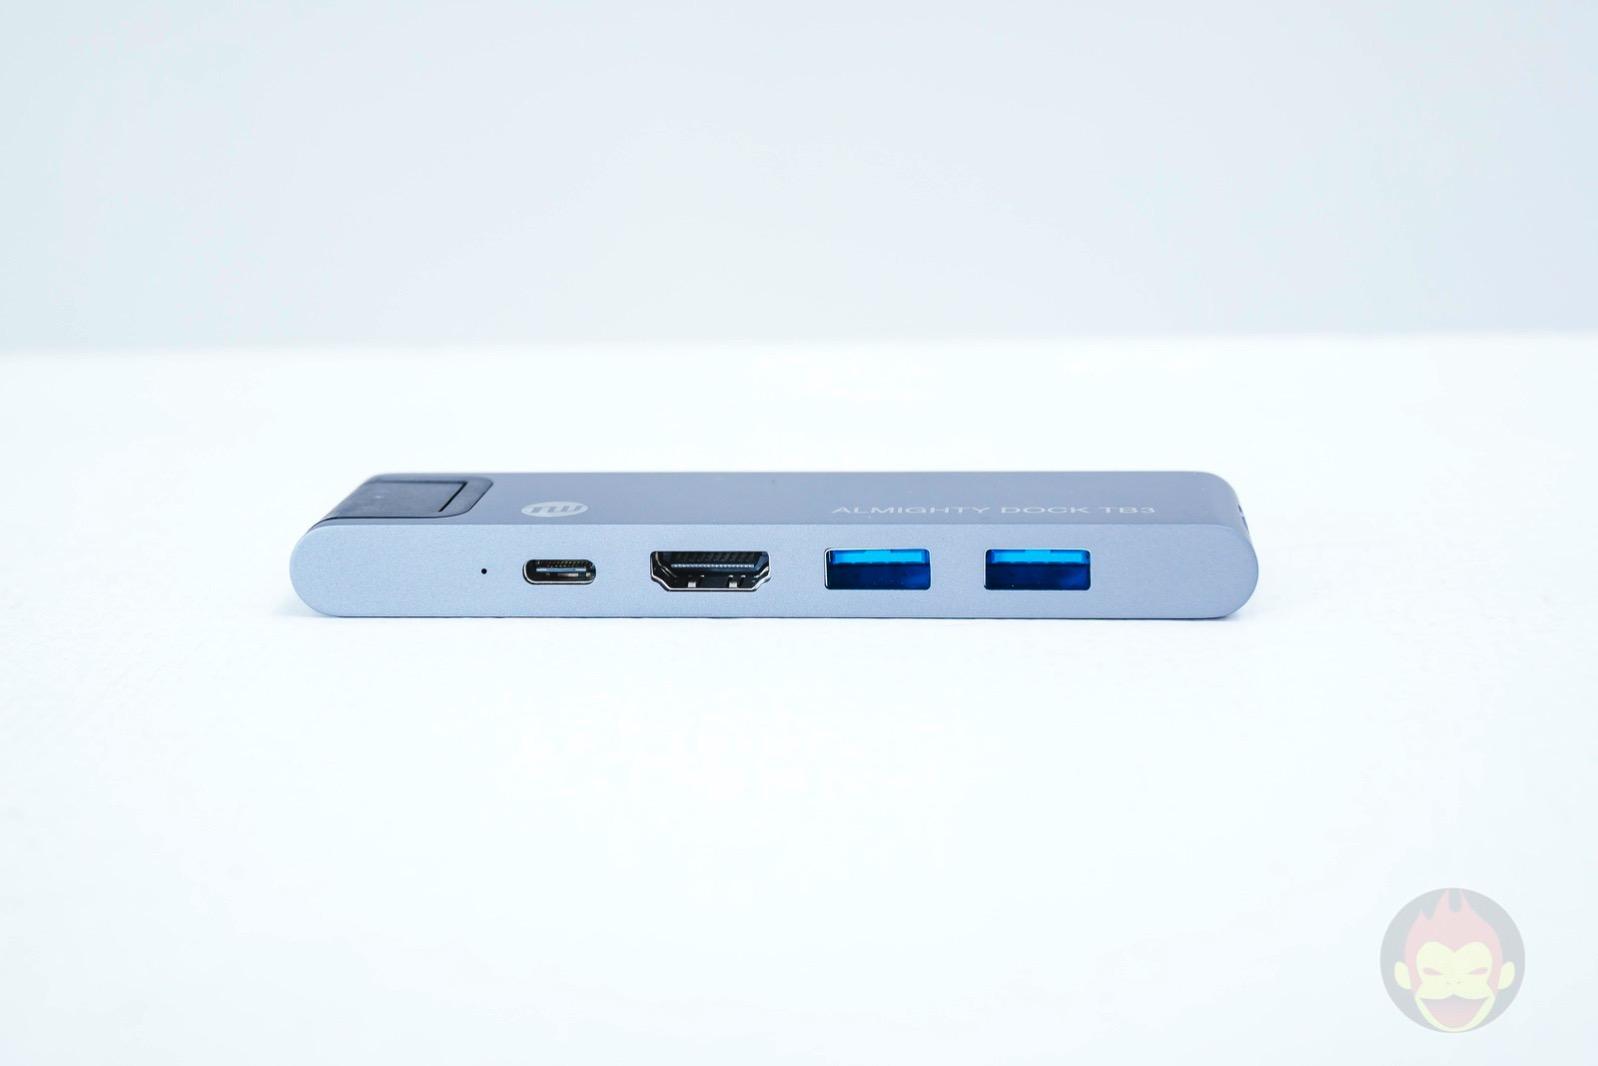 Tunewear-Almighty-TB3-Dock-for-MacBookPro2018-10.jpg